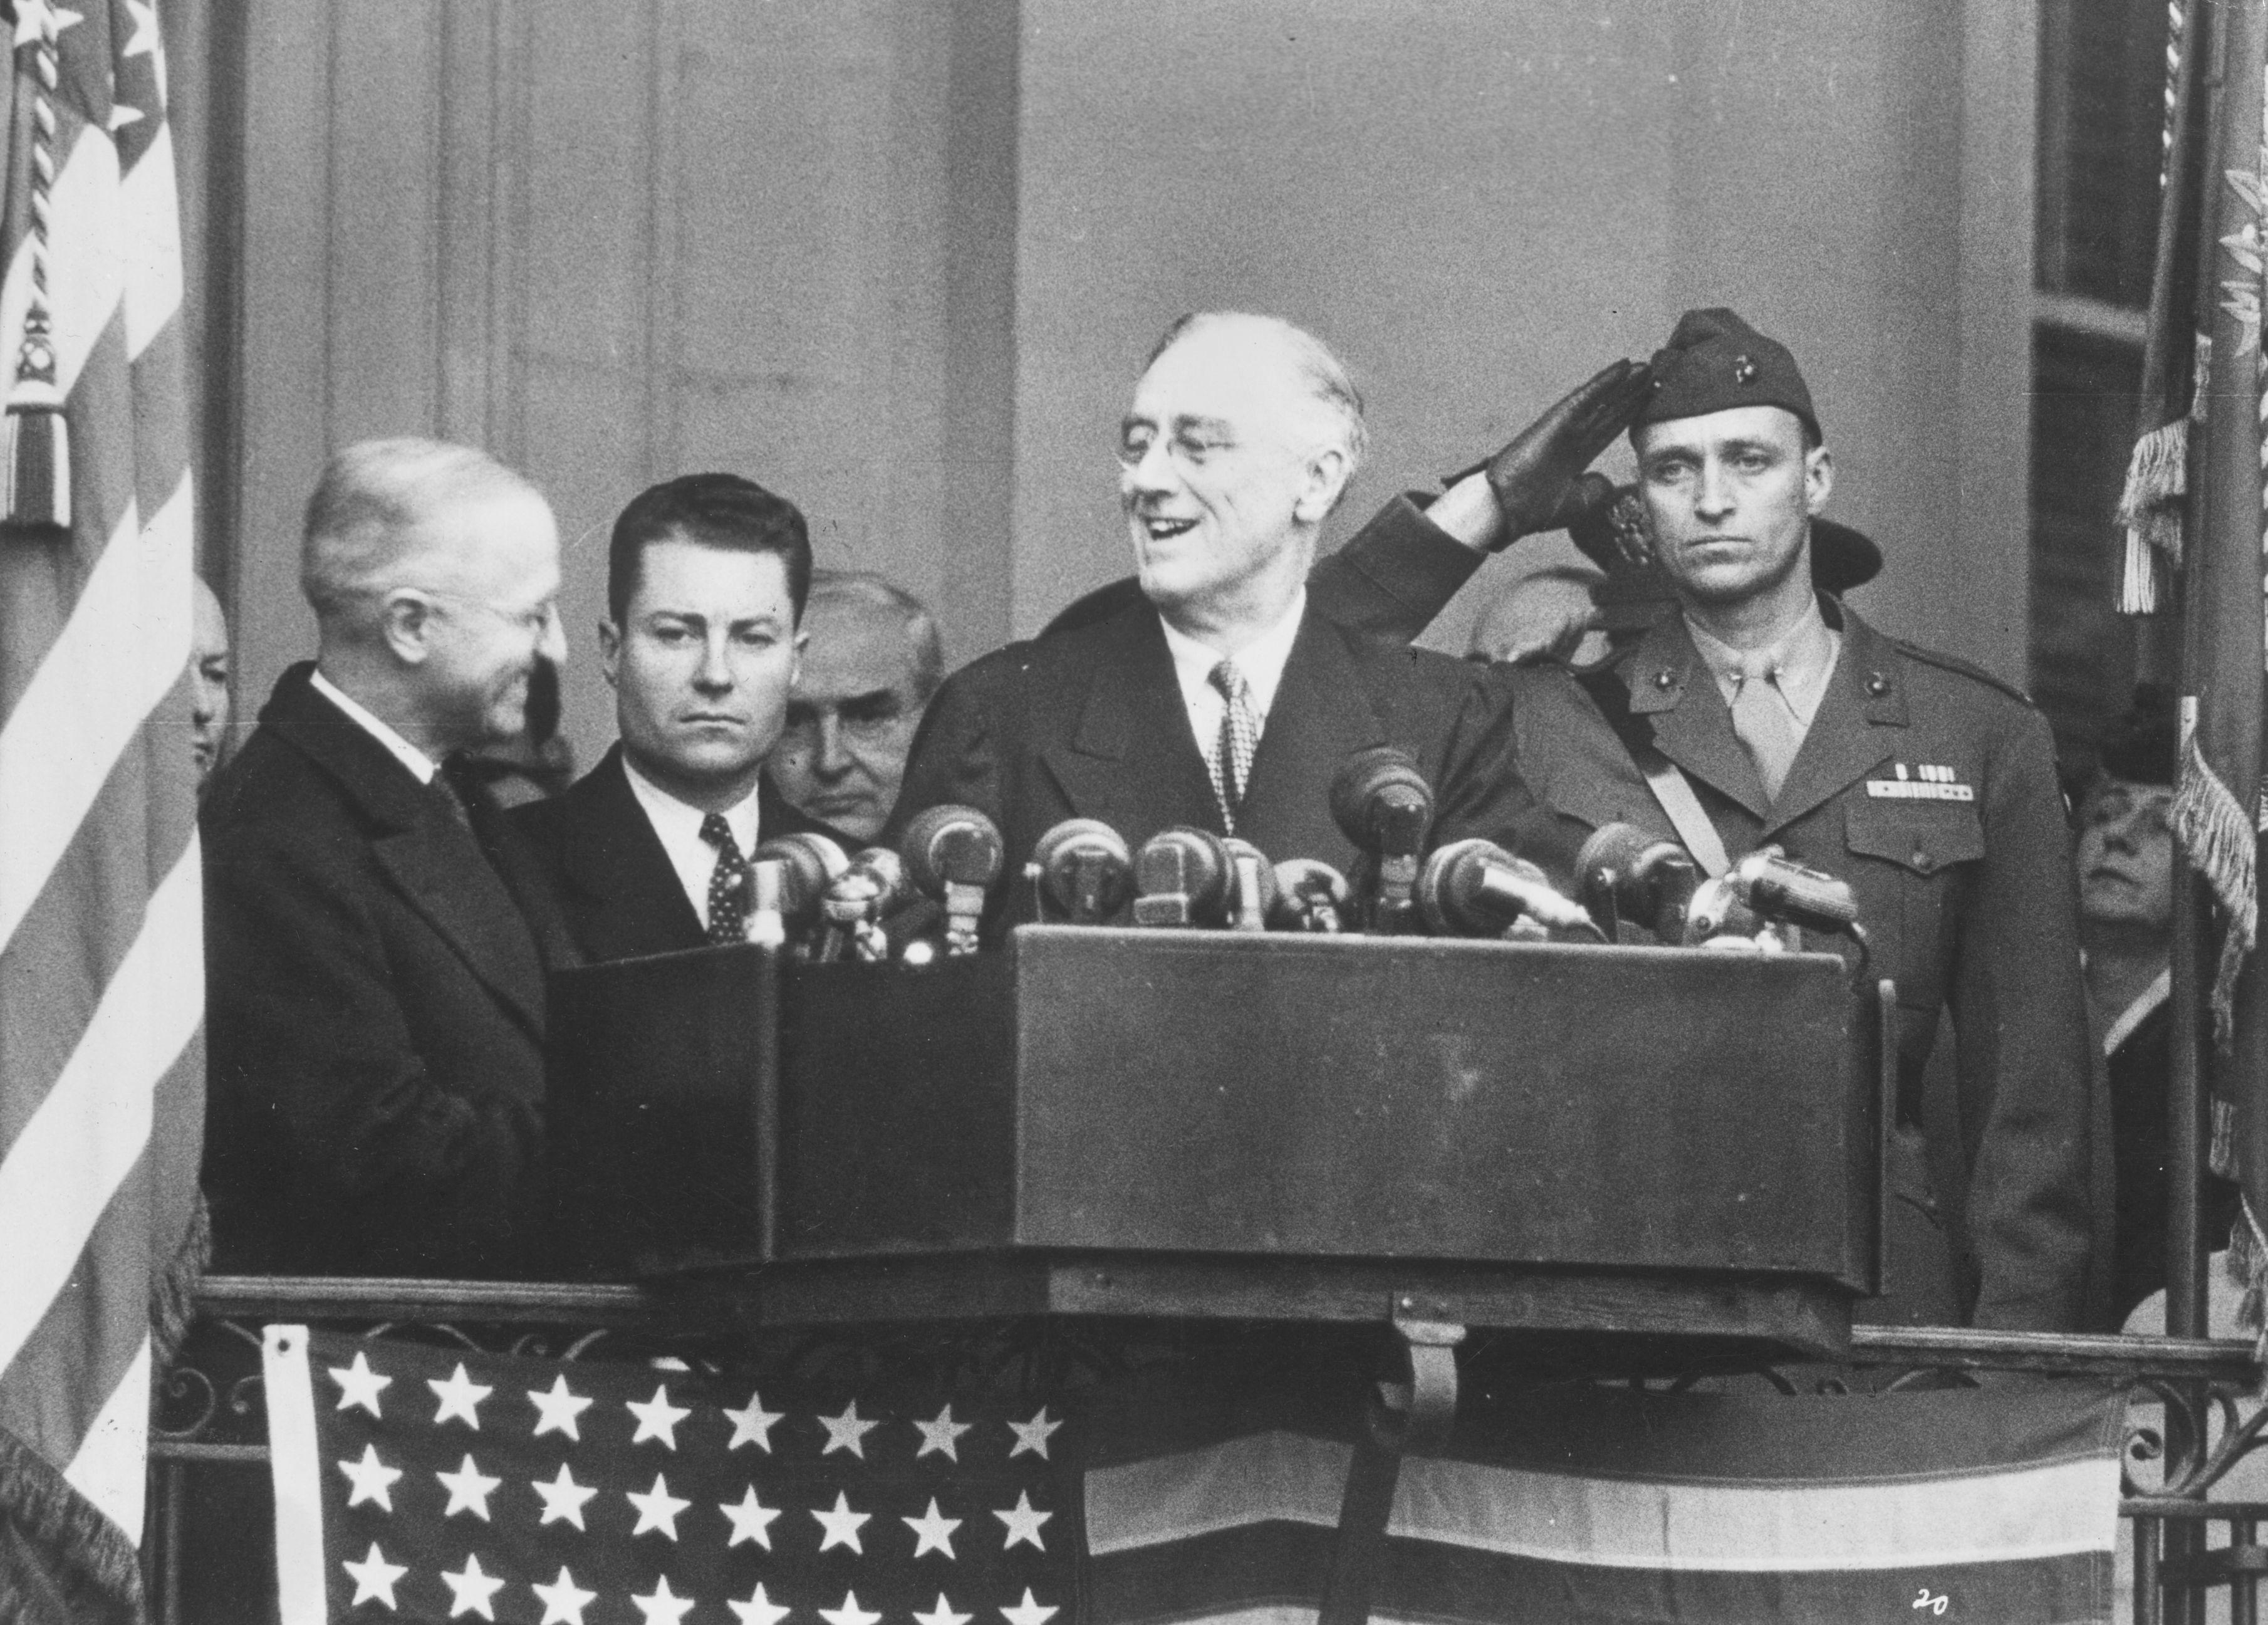 FDR giving a speech